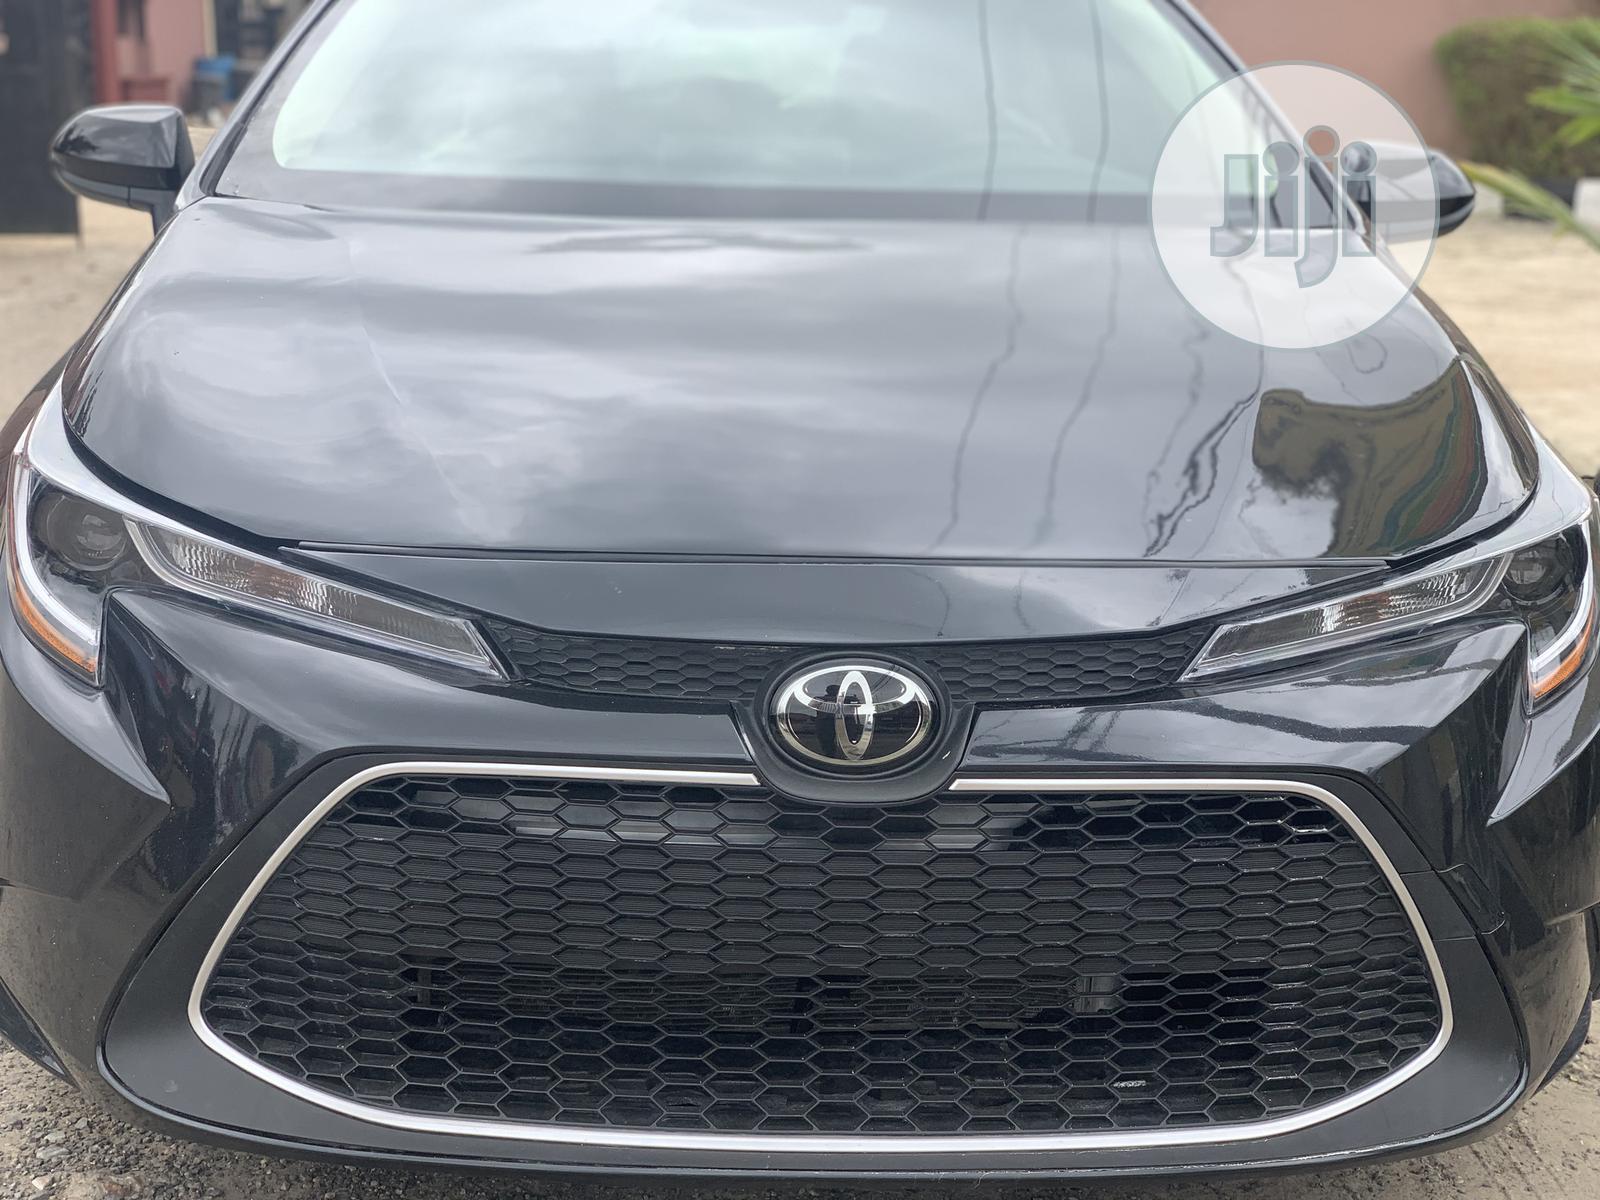 Toyota Corolla 2020 Black In Amuwo Odofin Cars Elijah Onyeachu Jiji Ng For Sale In Amuwo Odofin Buy Cars From Elijah Onyeachu On Jiji Ng